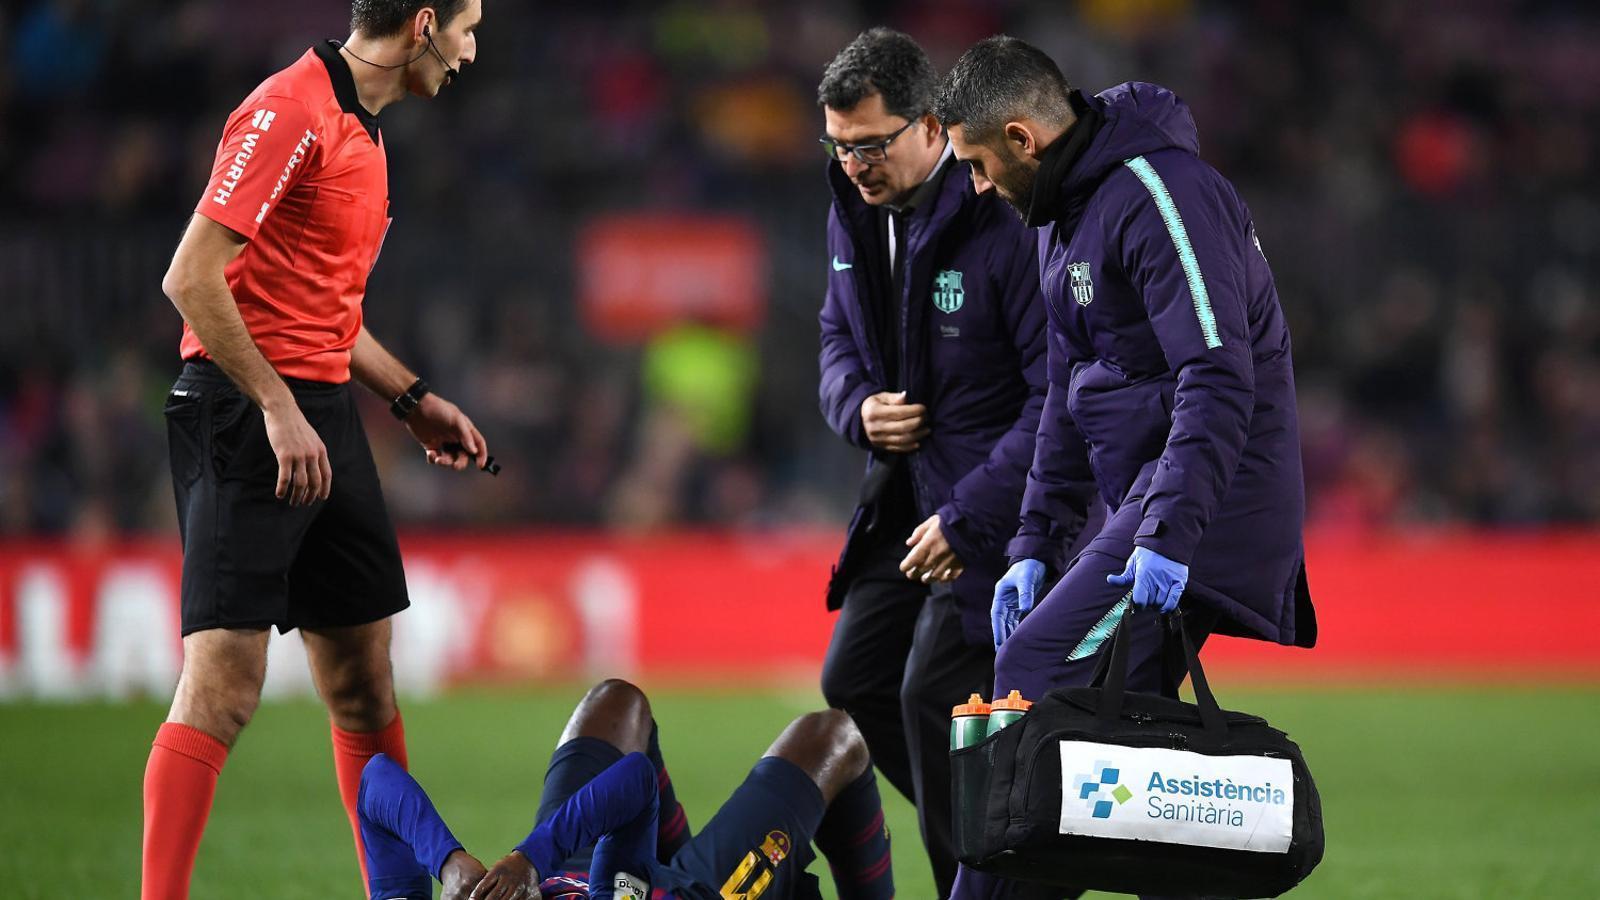 L'extrem blaugrana Ousmane Dembélé es va lesionar tot sol al turmell esquerre en el partit contra el Leganés.